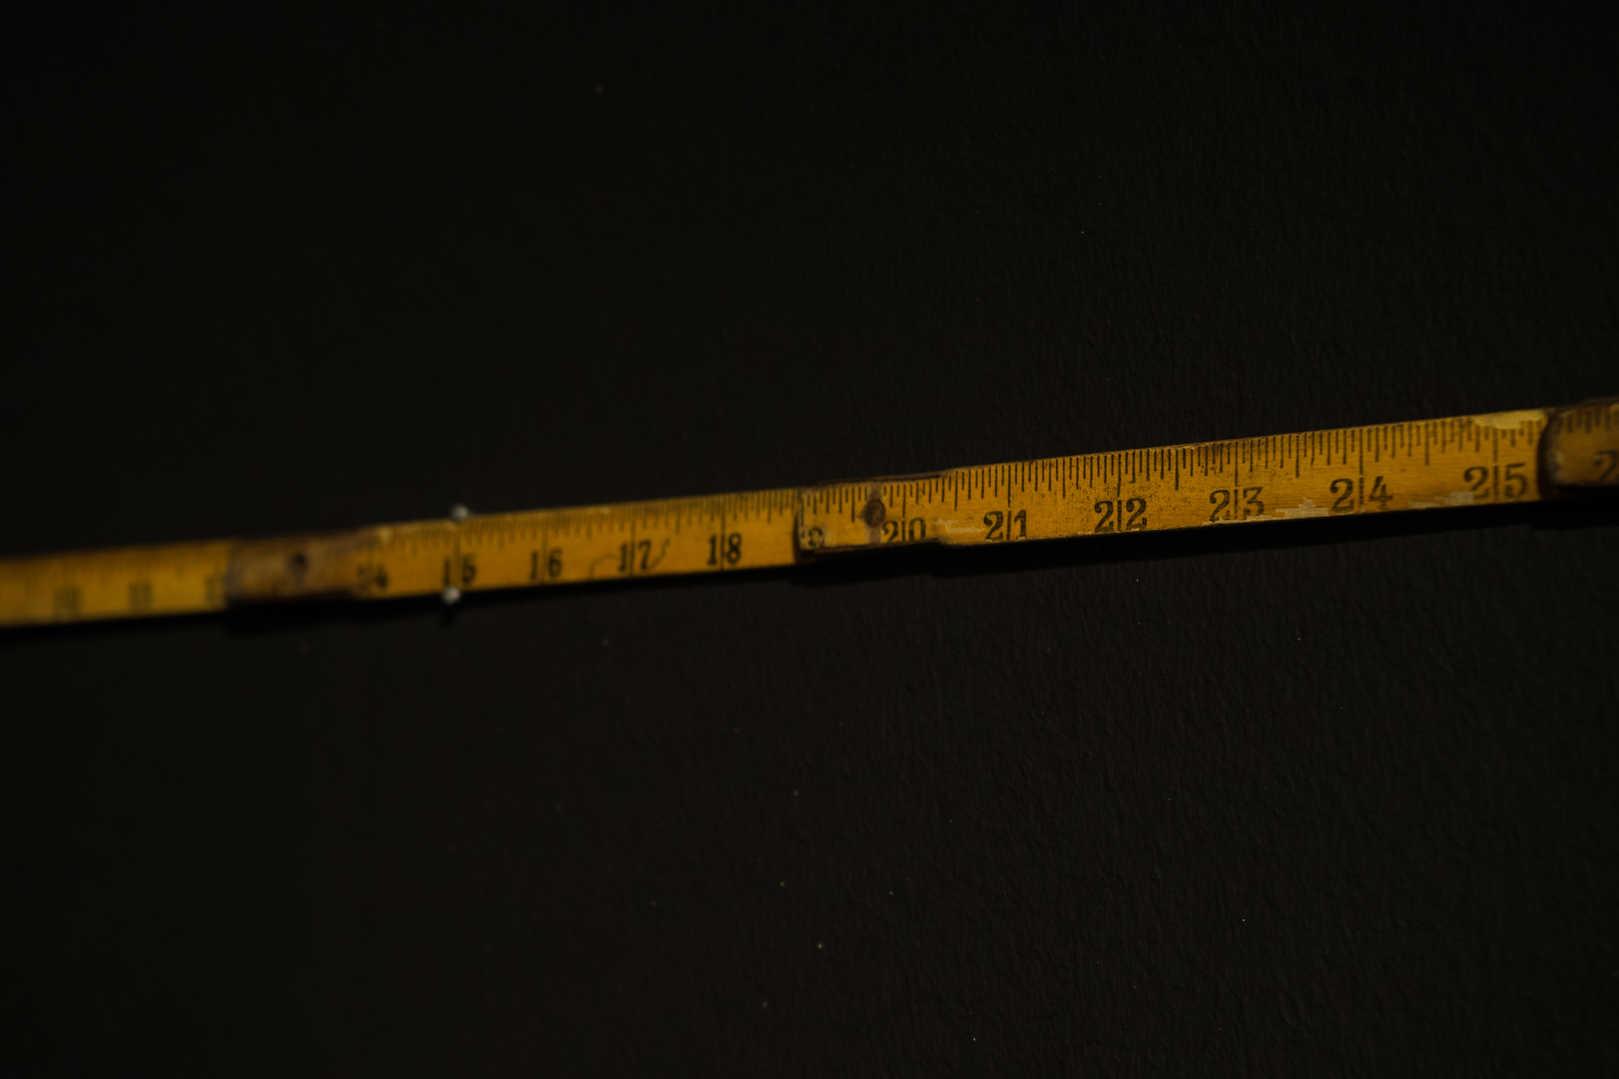 26.5 metres a day